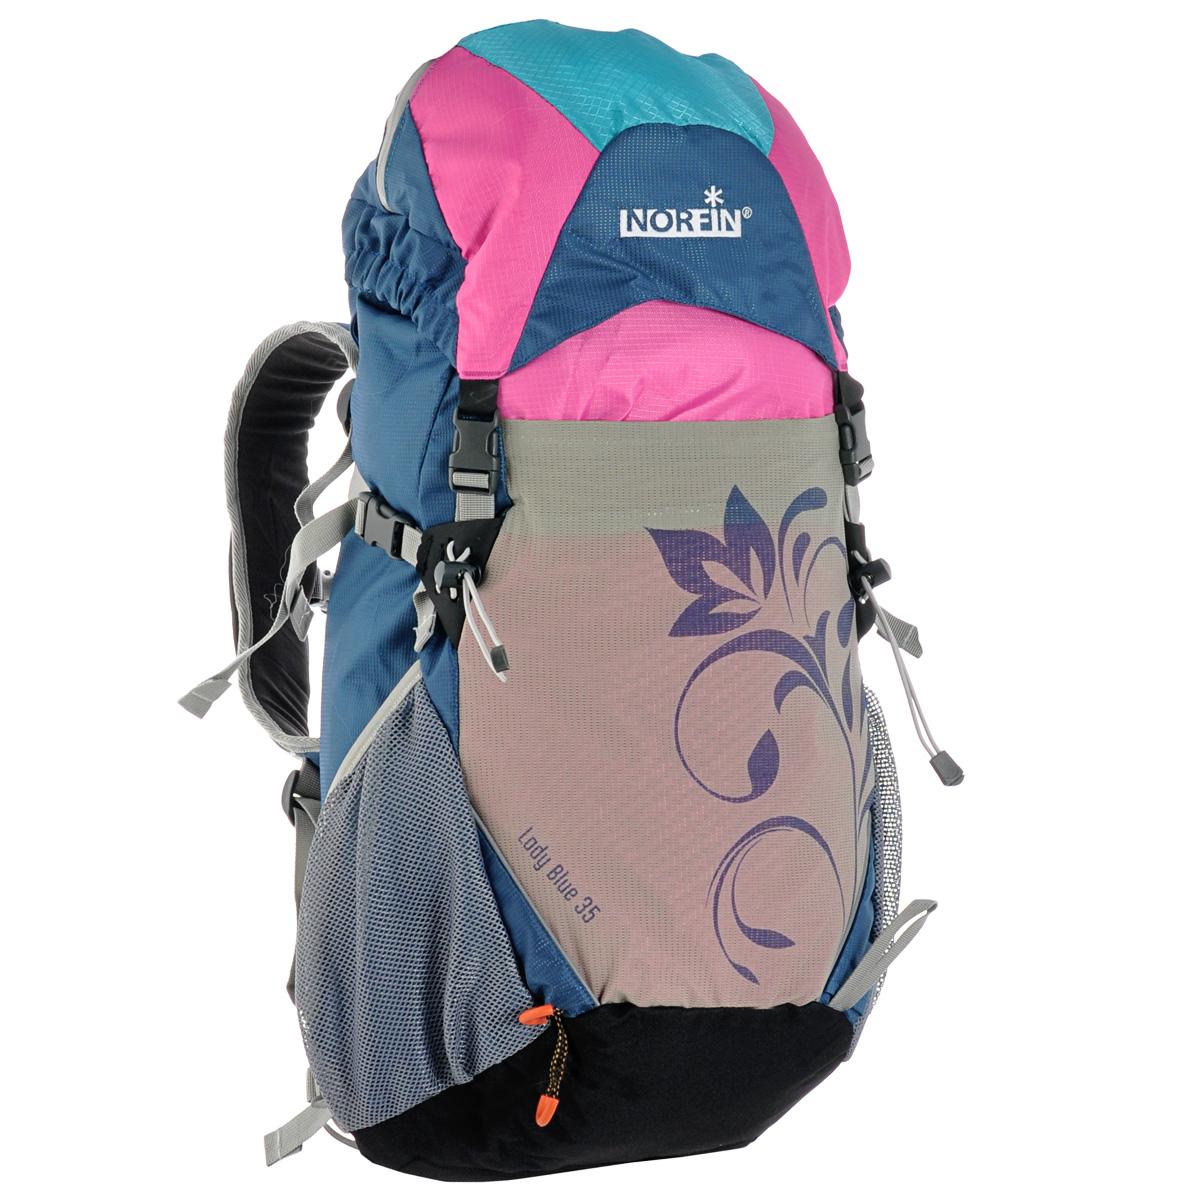 Рюкзак туристический Norfin Lady Blue, цвет: голубой, розовый, 35 л рюкзак norfin lady blue 35 nfl 40210